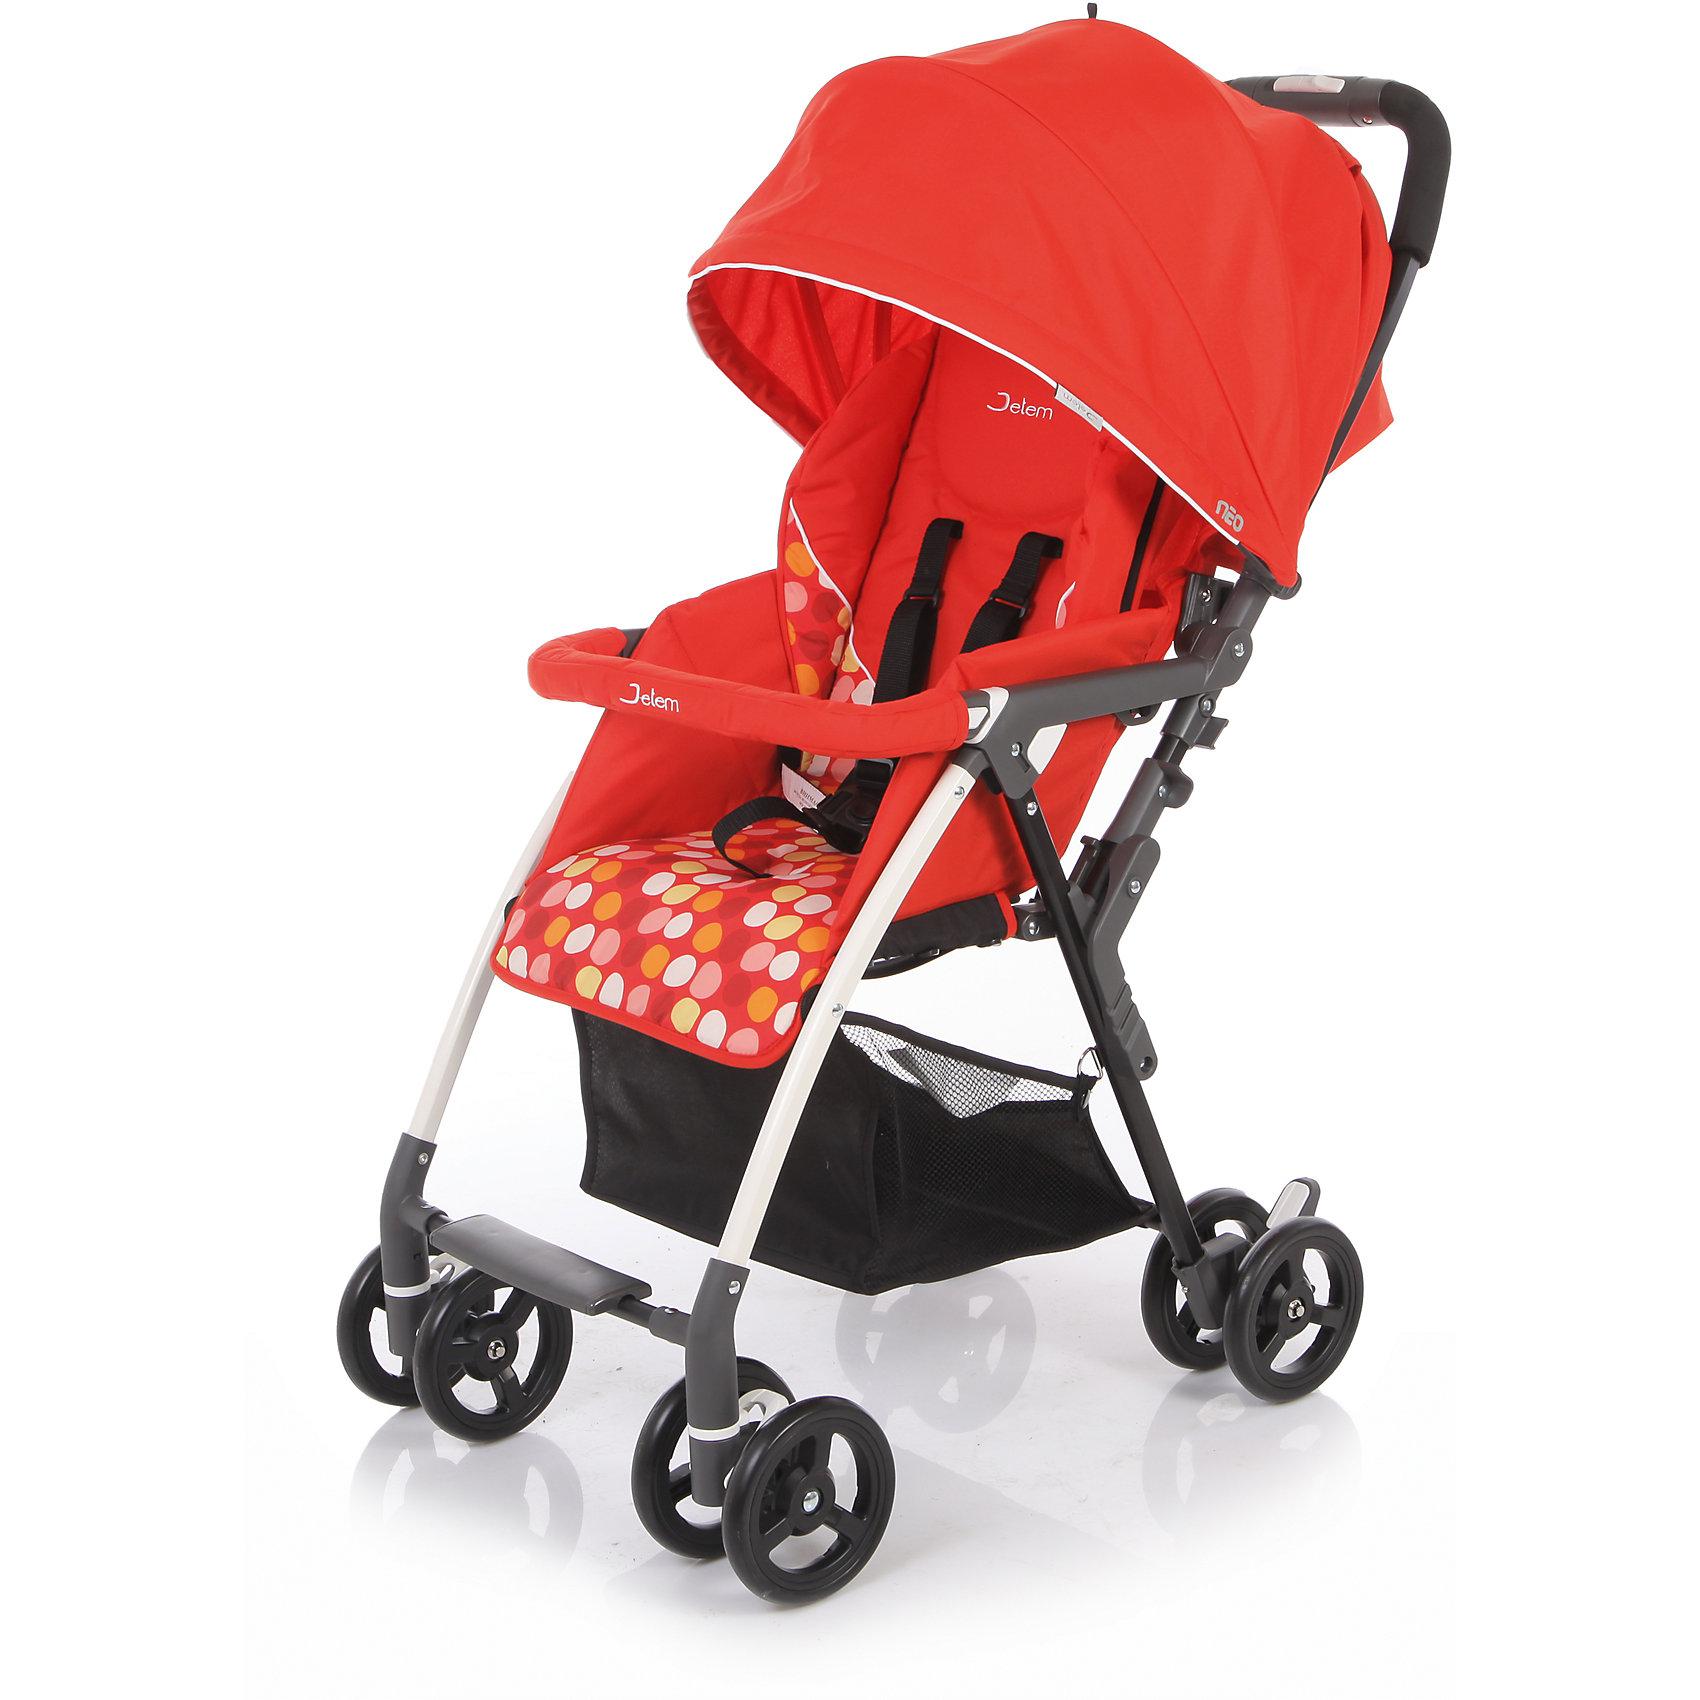 Прогулочная коляска Neo, Jetem, красныйПрогулочные коляски<br>Легкая и маневренная Прогулочная коляска Neo (Нео), Jetem (Жэтэм), красный будет очень удобна для весенне-летнего периода и путешествий с ребенком. Большой капюшон со смотровым окном опускается почти до бампера, надежно закрывая малыша от ветра и осадков в непогоду и лучей яркого солнца. Высота спинки регулируется плавно с помощью ремней. Коляску можно легко сложить одной рукой. <br><br>Характеристики:<br>-Тип коляски: прогулочная<br>-Цвет: красный<br>-Легкая алюминиевая рама<br>-Плавающие передние колеса с фиксацией<br>-5-ти точеные ремни безопасности<br>-Съемный бампер со съемной мягкой обивкой<br>-Может стоять в сложенном состоянии<br>-Спинка регулируется при помощи ремней до положения «лежа»<br>-Ножная тормозная система<br>-Тип колес: двойные<br>-Механизм складывания: книжка<br>-Глубокий капюшон хорошо защищает от солнца, осадков <br><br>Комплектация: чехол на ноги, корзина для покупок<br> <br>Дополнительная информация:<br>-Диаметр колес: 15,3 см<br>-Вес: 5,0 кг<br>-Ширина сиденья: 33 см<br>-Размер в разложенном виде: 86х48,5х97 см<br>-Размер в сложенном виде: 36х48,5х90,5 см<br>-Материалы: пластик, алюминий, текстиль<br><br>Покупка коляски Neo (Нео), Jetem (Жэтэм), красный – это верное решение современных мам, которые ценят комфорт малыша, а также его удобство!<br><br>Прогулочная коляска Neo (Нео), Jetem (Жэтэм), красный можно купить в нашем магазине.<br><br>Ширина мм: 870<br>Глубина мм: 460<br>Высота мм: 290<br>Вес г: 6800<br>Возраст от месяцев: 6<br>Возраст до месяцев: 36<br>Пол: Унисекс<br>Возраст: Детский<br>SKU: 4125350